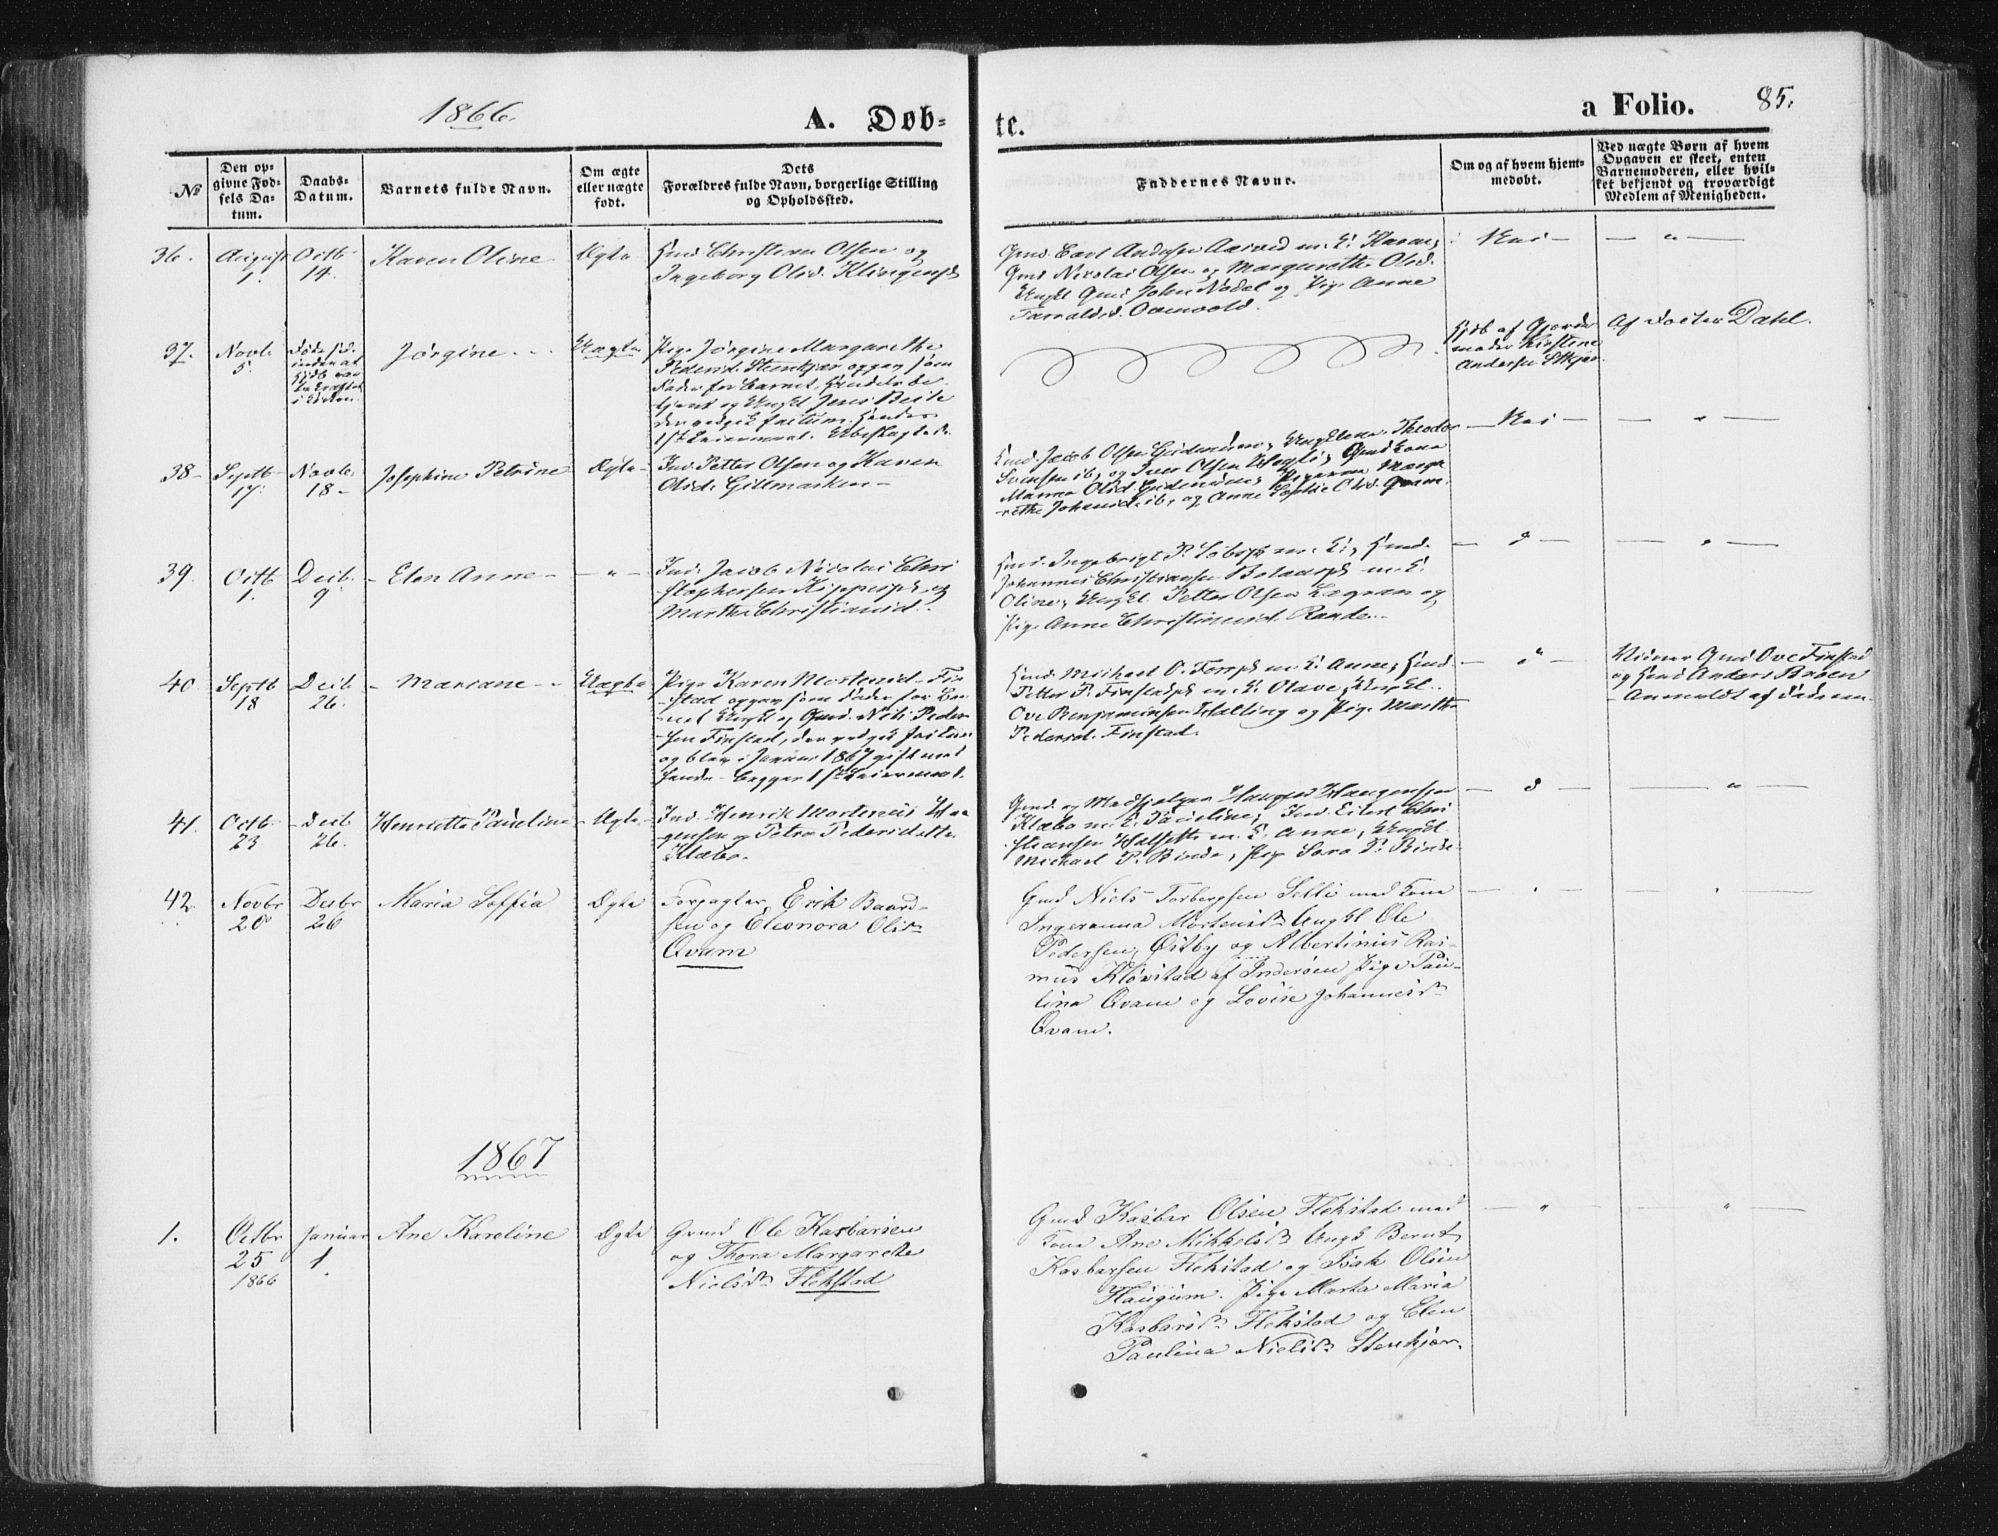 SAT, Ministerialprotokoller, klokkerbøker og fødselsregistre - Nord-Trøndelag, 746/L0447: Ministerialbok nr. 746A06, 1860-1877, s. 85